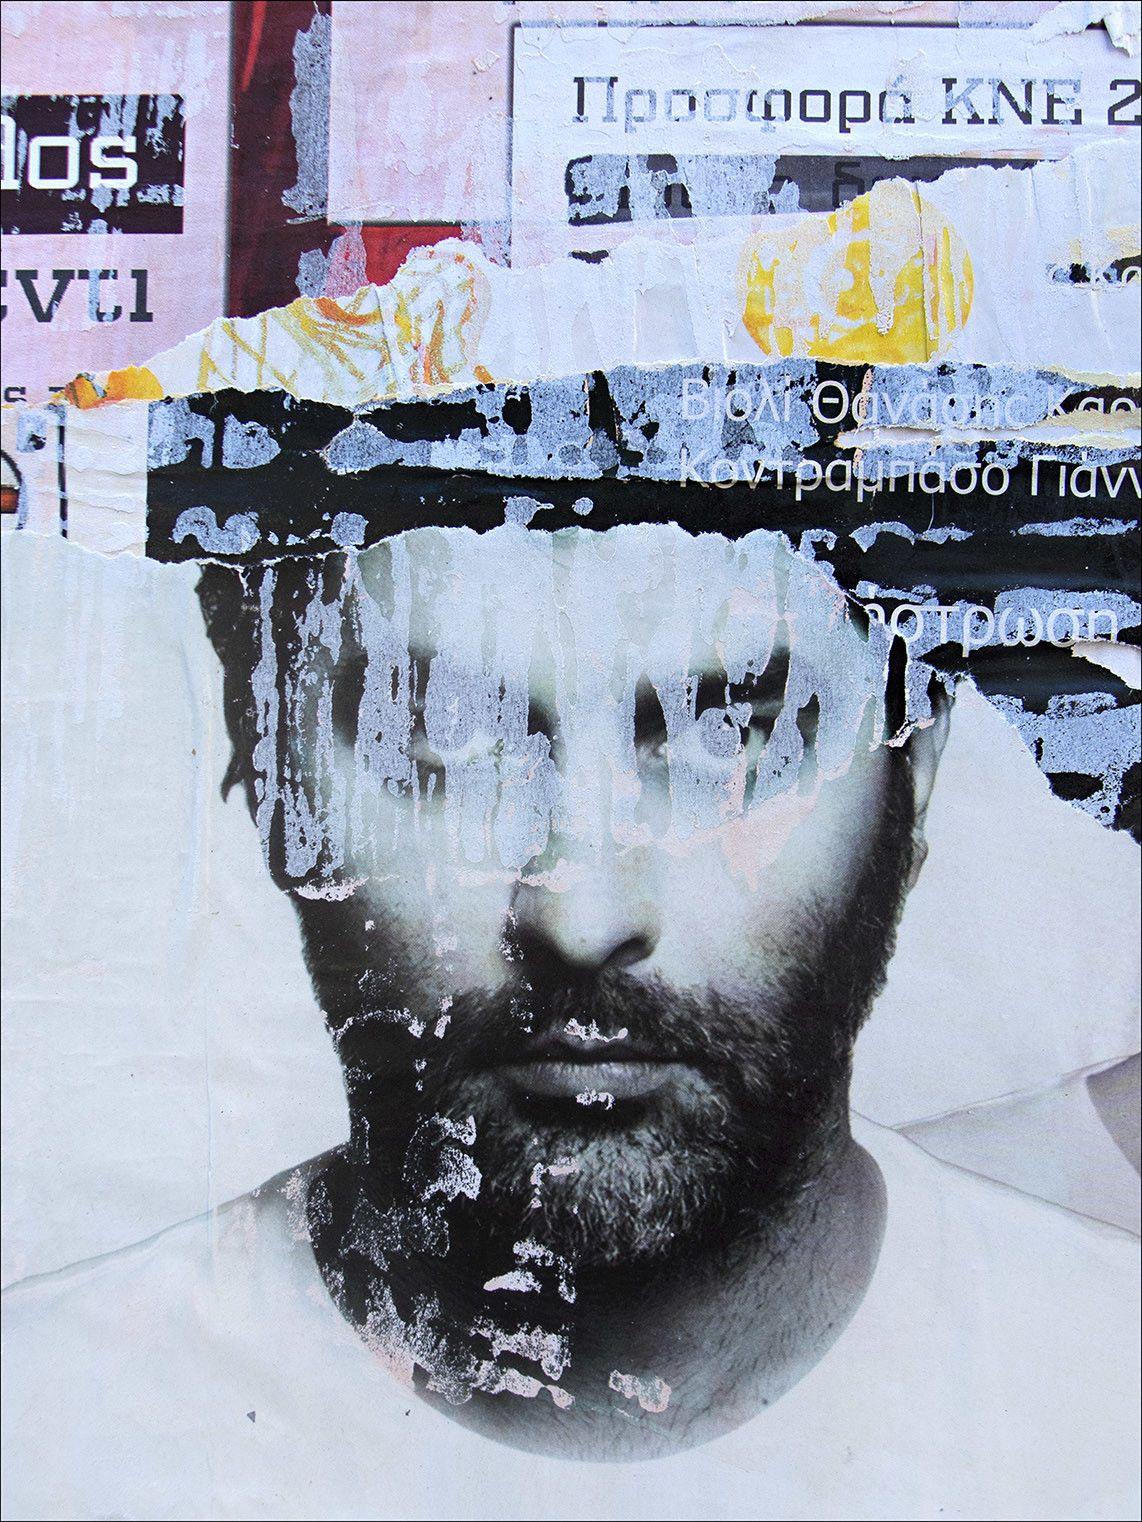 PROMOZIONE #artistadelmese FOTOGRAFIA DIGITALE LUCA GALESSI ' QUANTE COSE HO IN TESTA '  dimensioni L 120 x H 160 cm.